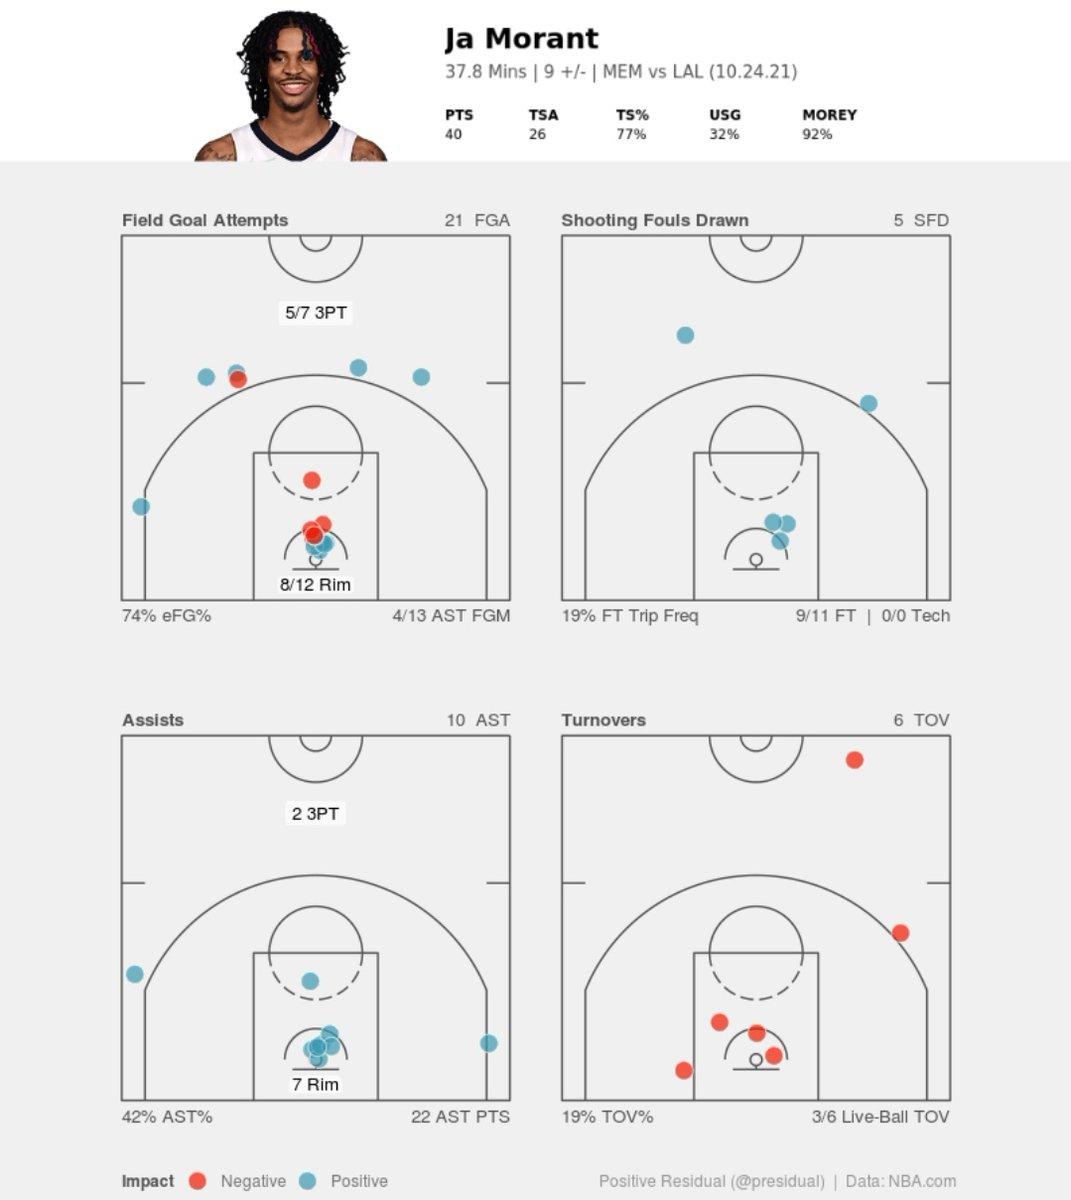 Ja Morant ne yapmış gece ya. Play-off'taki kaldığı yerden devam ediyor. #NBA75